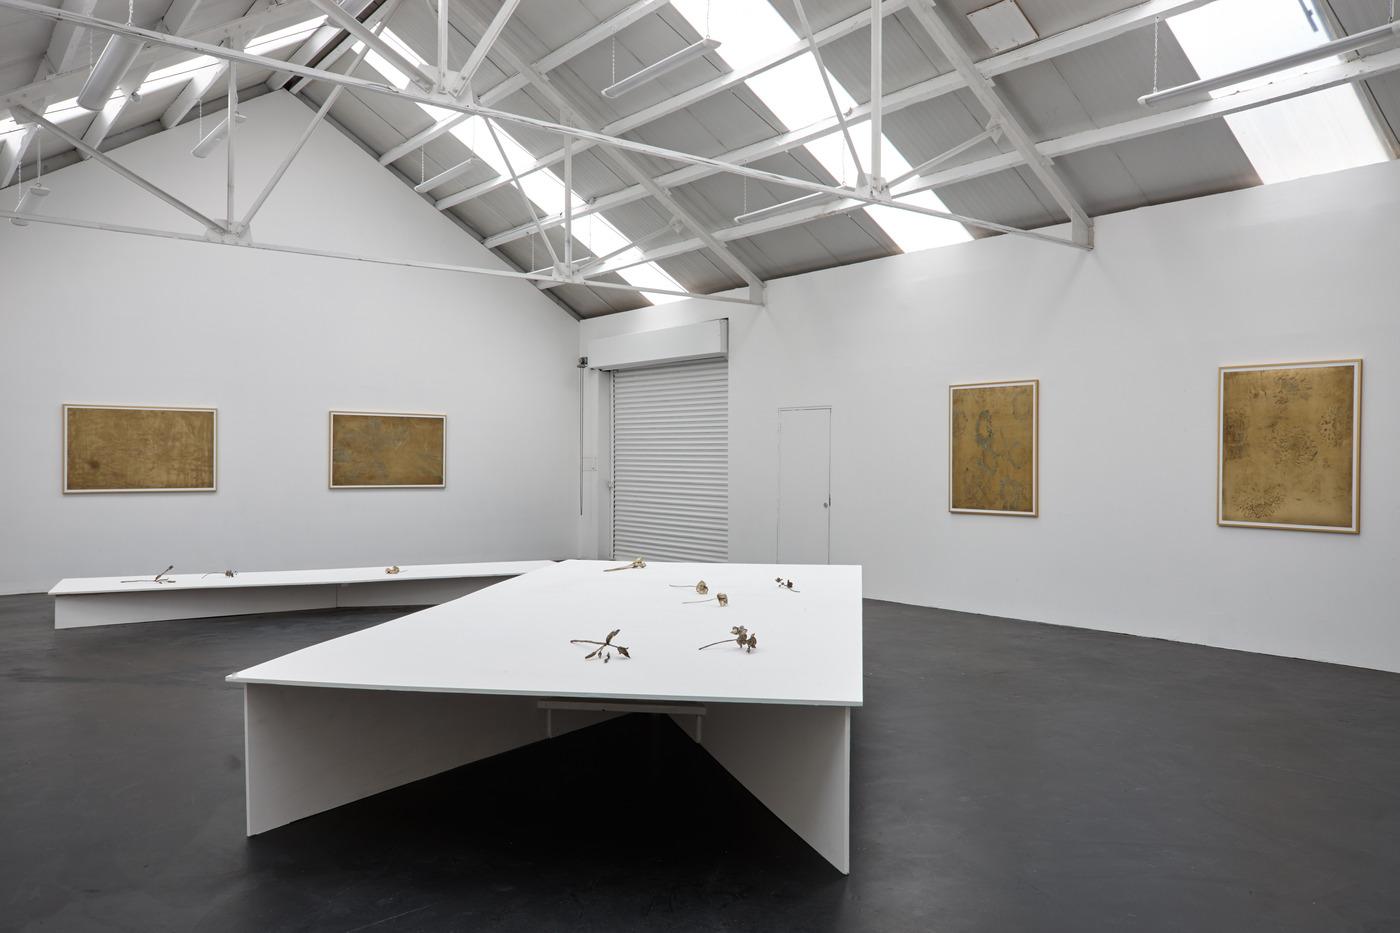 Ross Iannatti - Oro Valley - Installation View IV